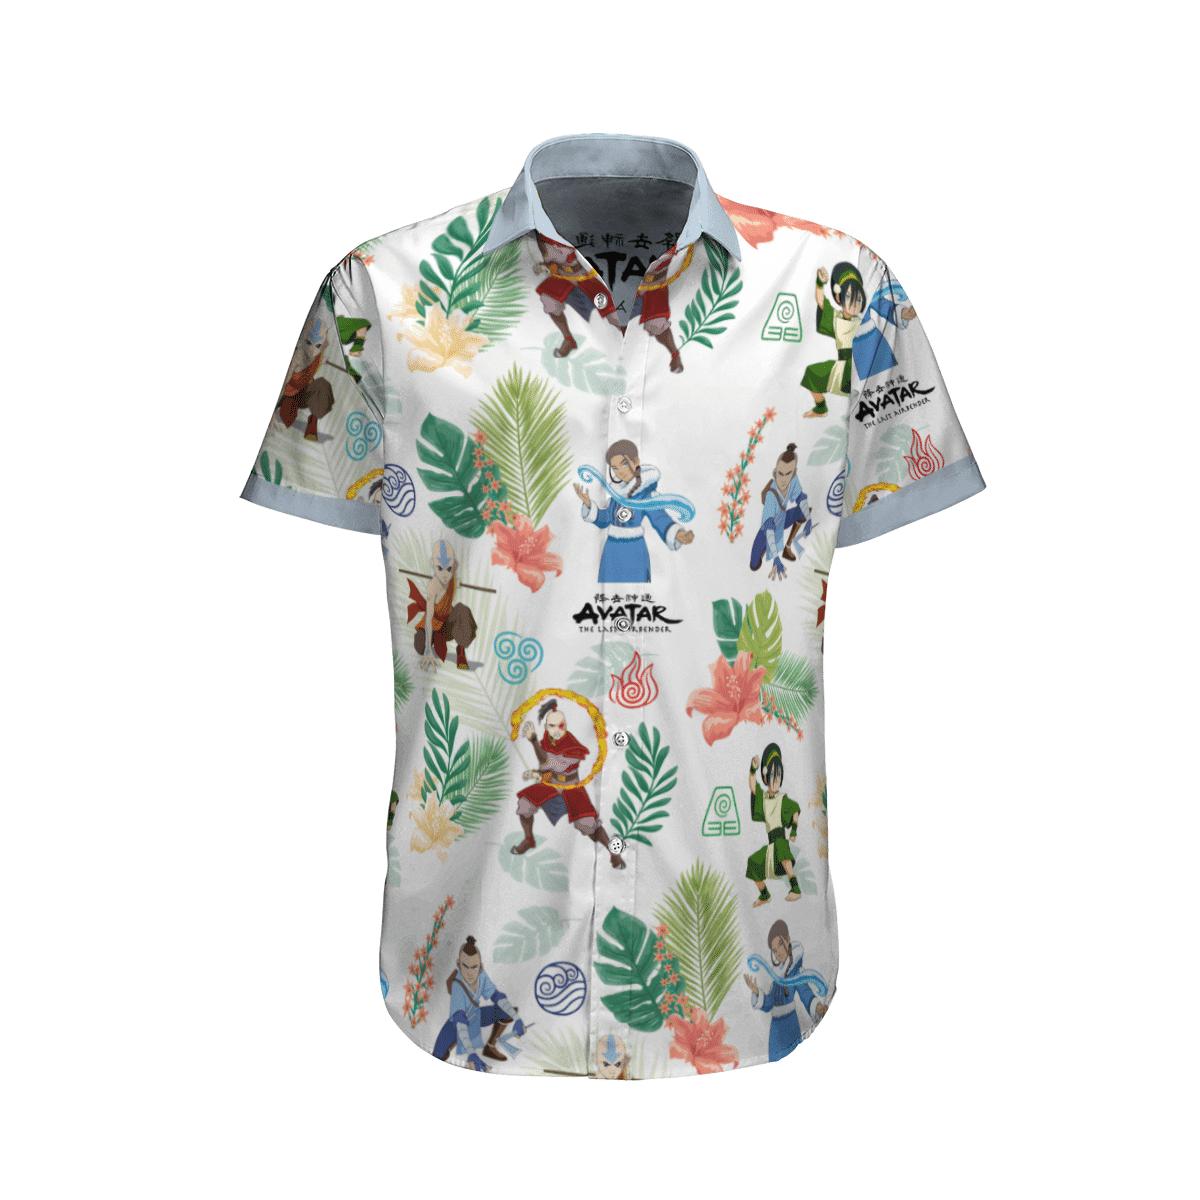 Earth Kingdom Avatar Hawaiian shirt 5